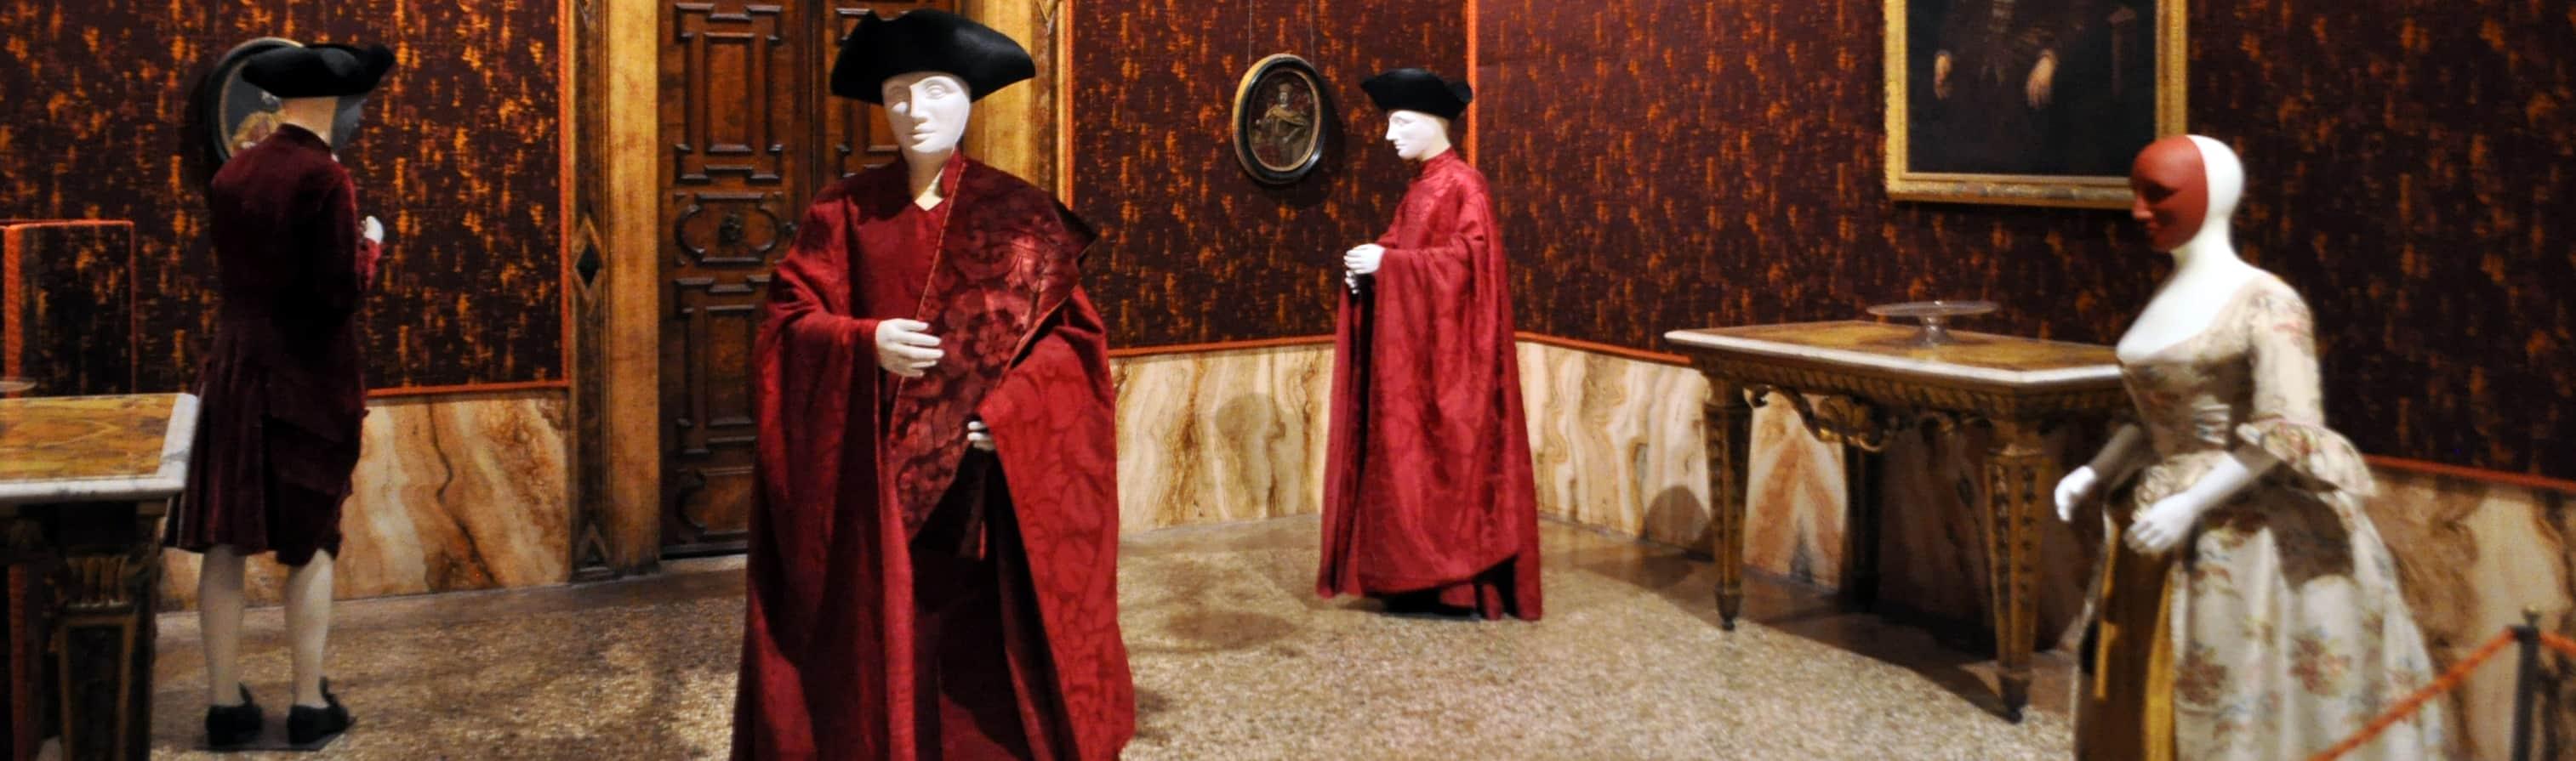 Venezia. Museo di Palazzo Mocenigo del Costume e del Profumo